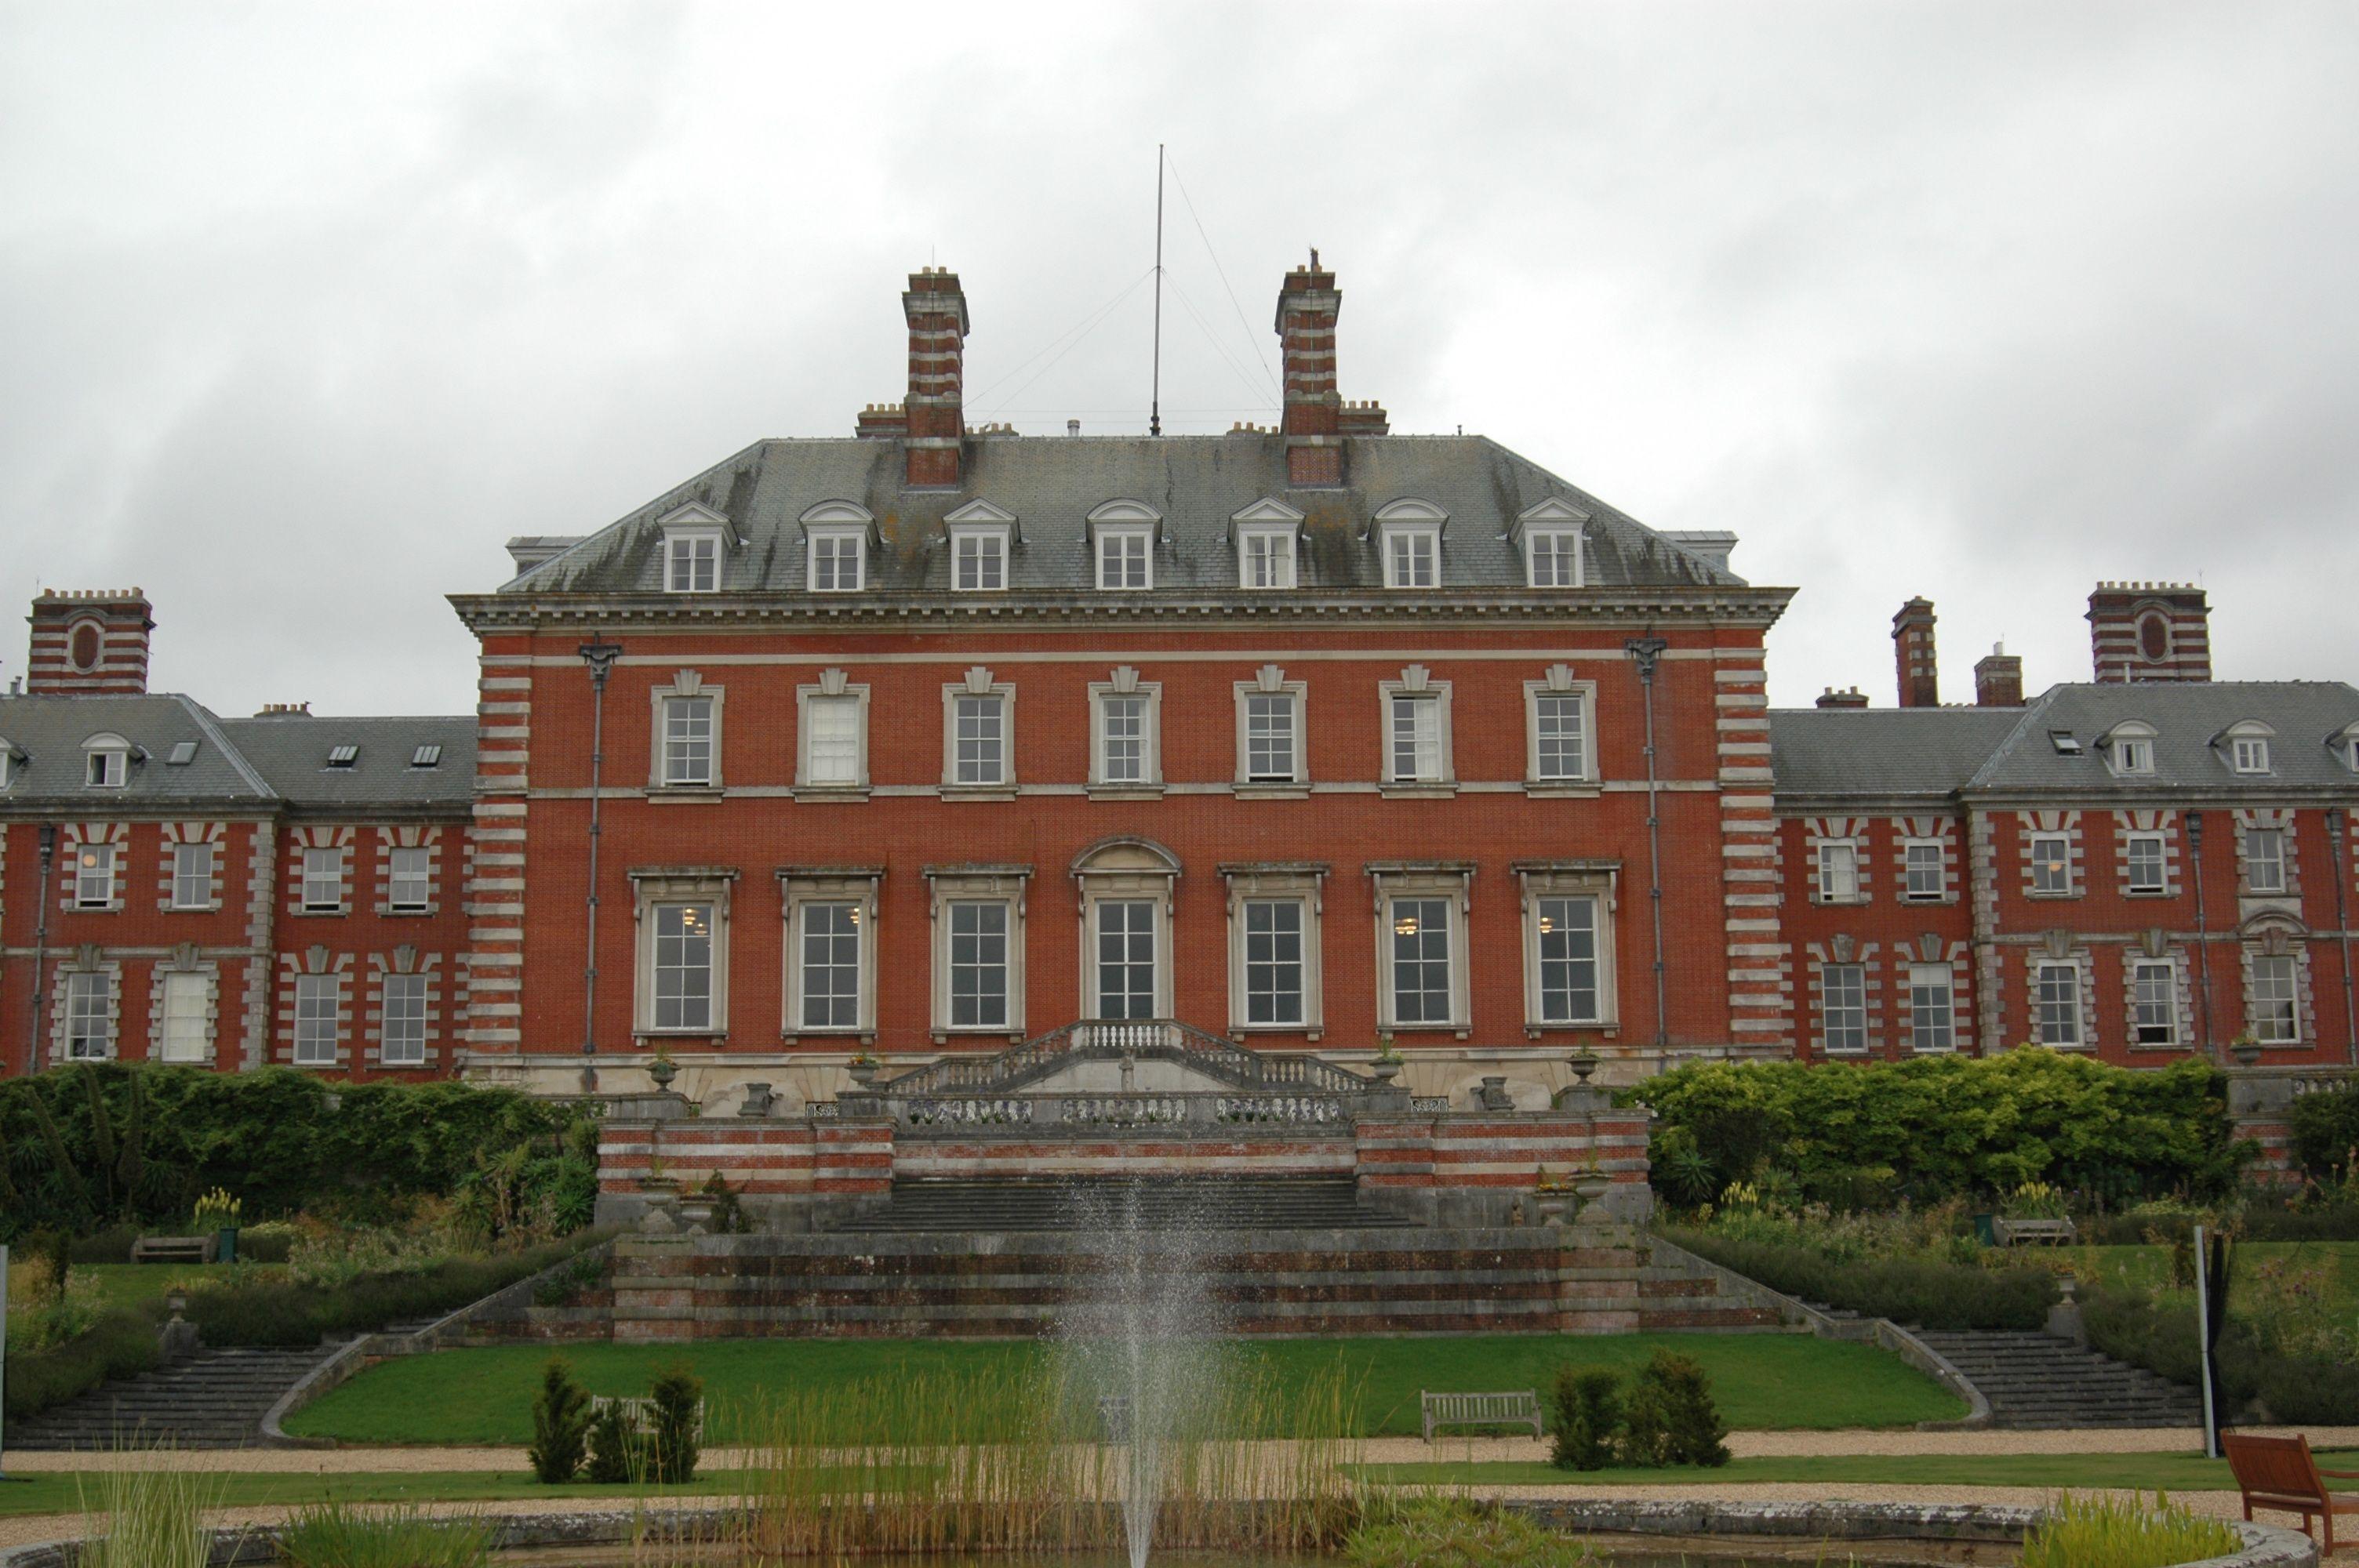 Bryanston School, Blandford Forum, Dorset